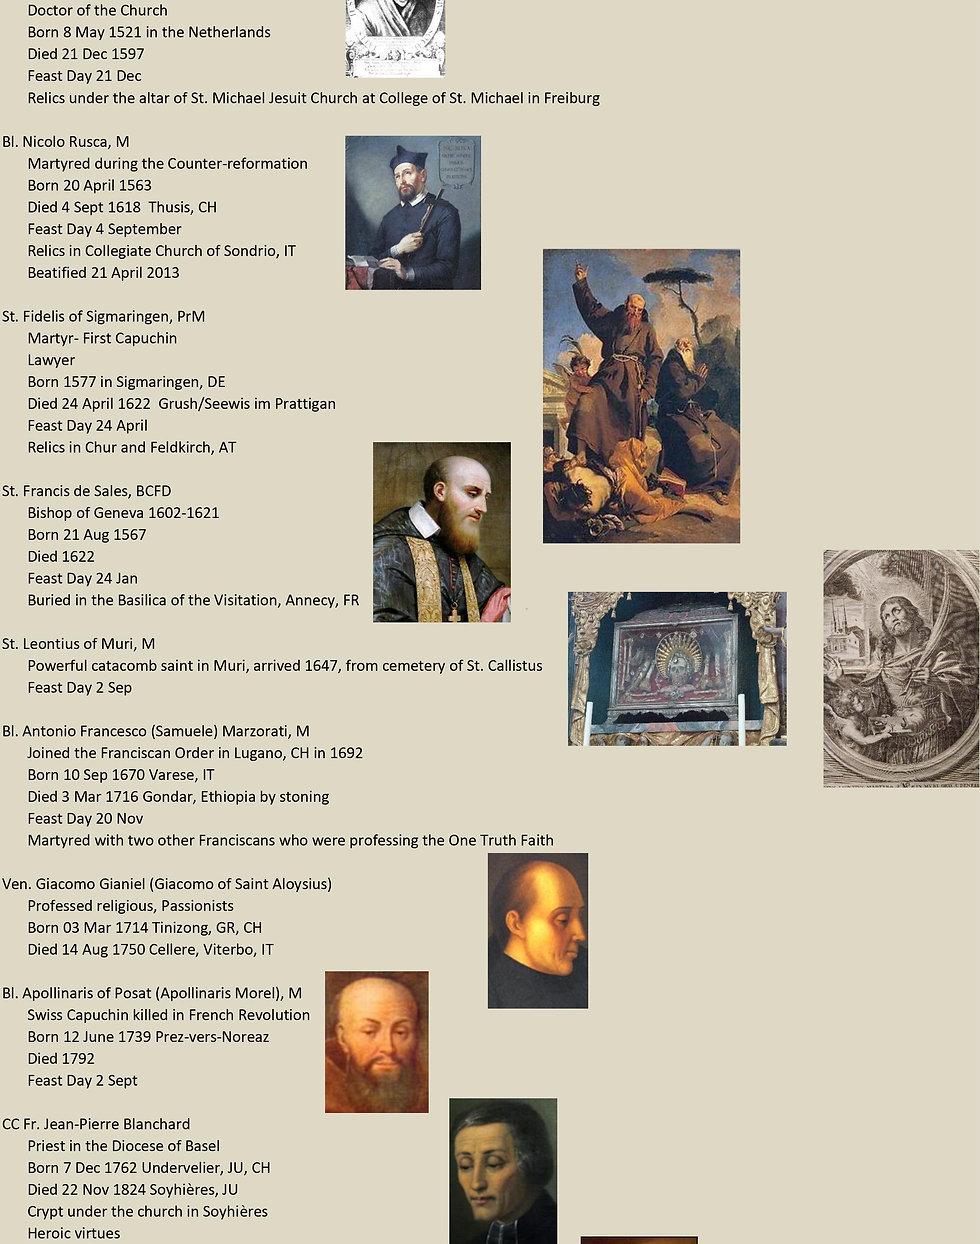 Liste de tous les saints suisses 23 sur 31